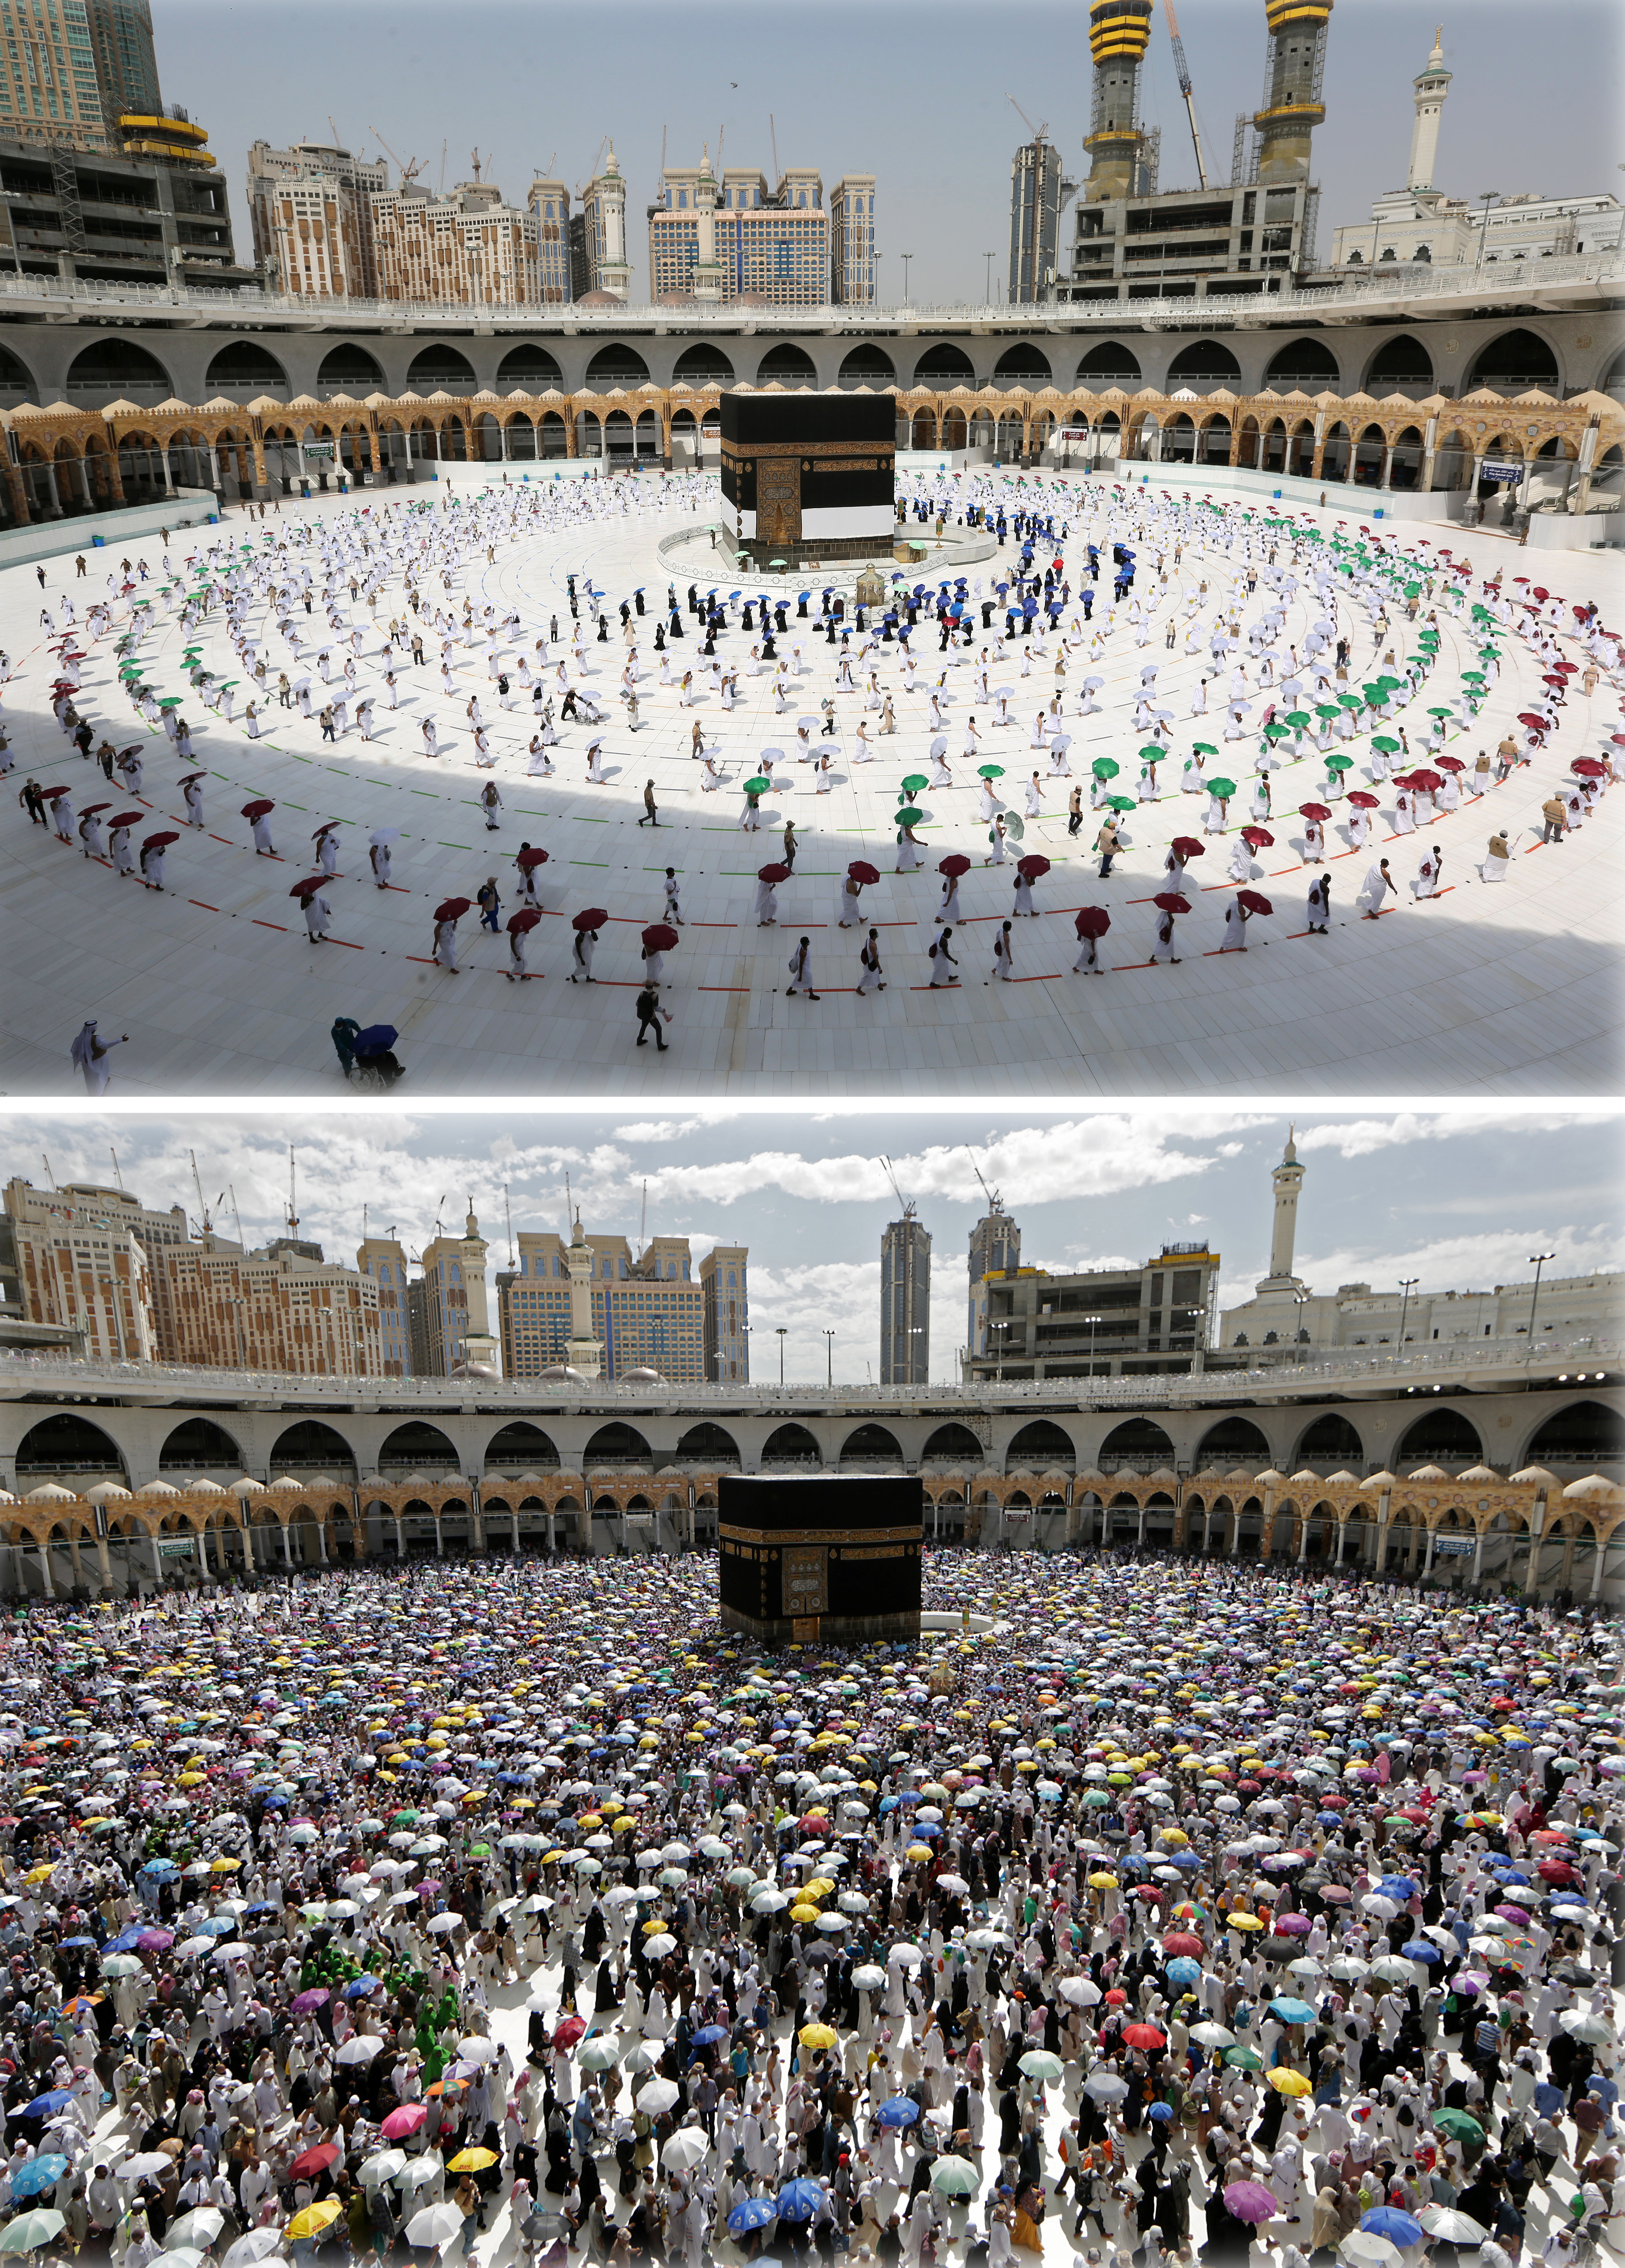 صورة مركبة من مكة خلال أيام الحج هذا العام والعام الماضي